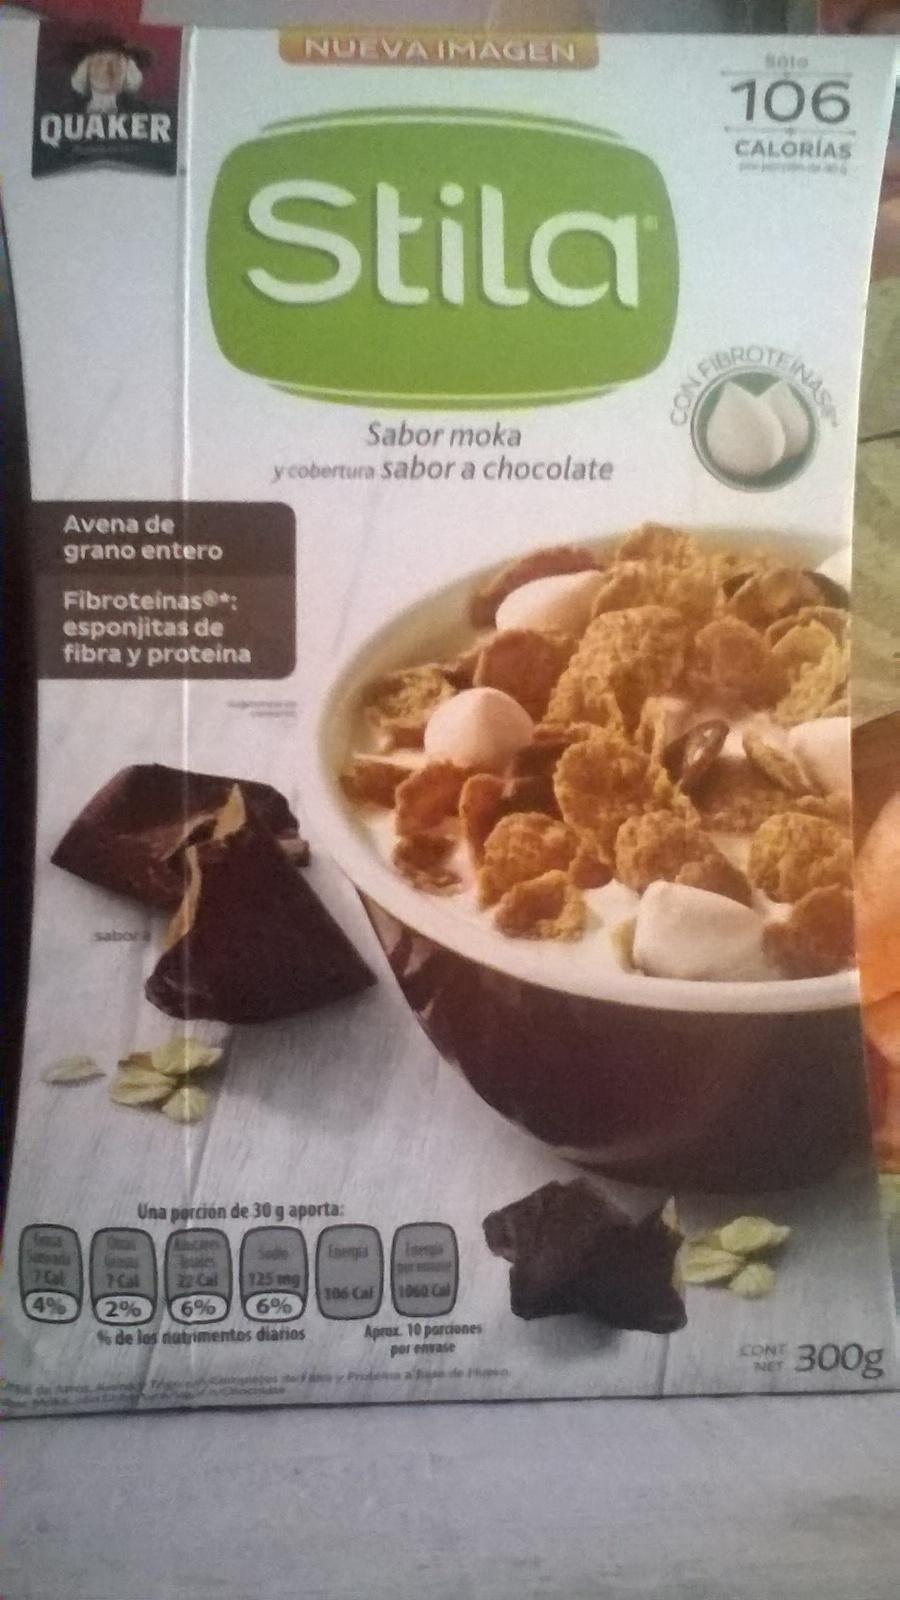 Walmart la Cima de Zapopan: Cereal Stila 300grs $21, Paquete de 10 Jugos a $10.01 y más.